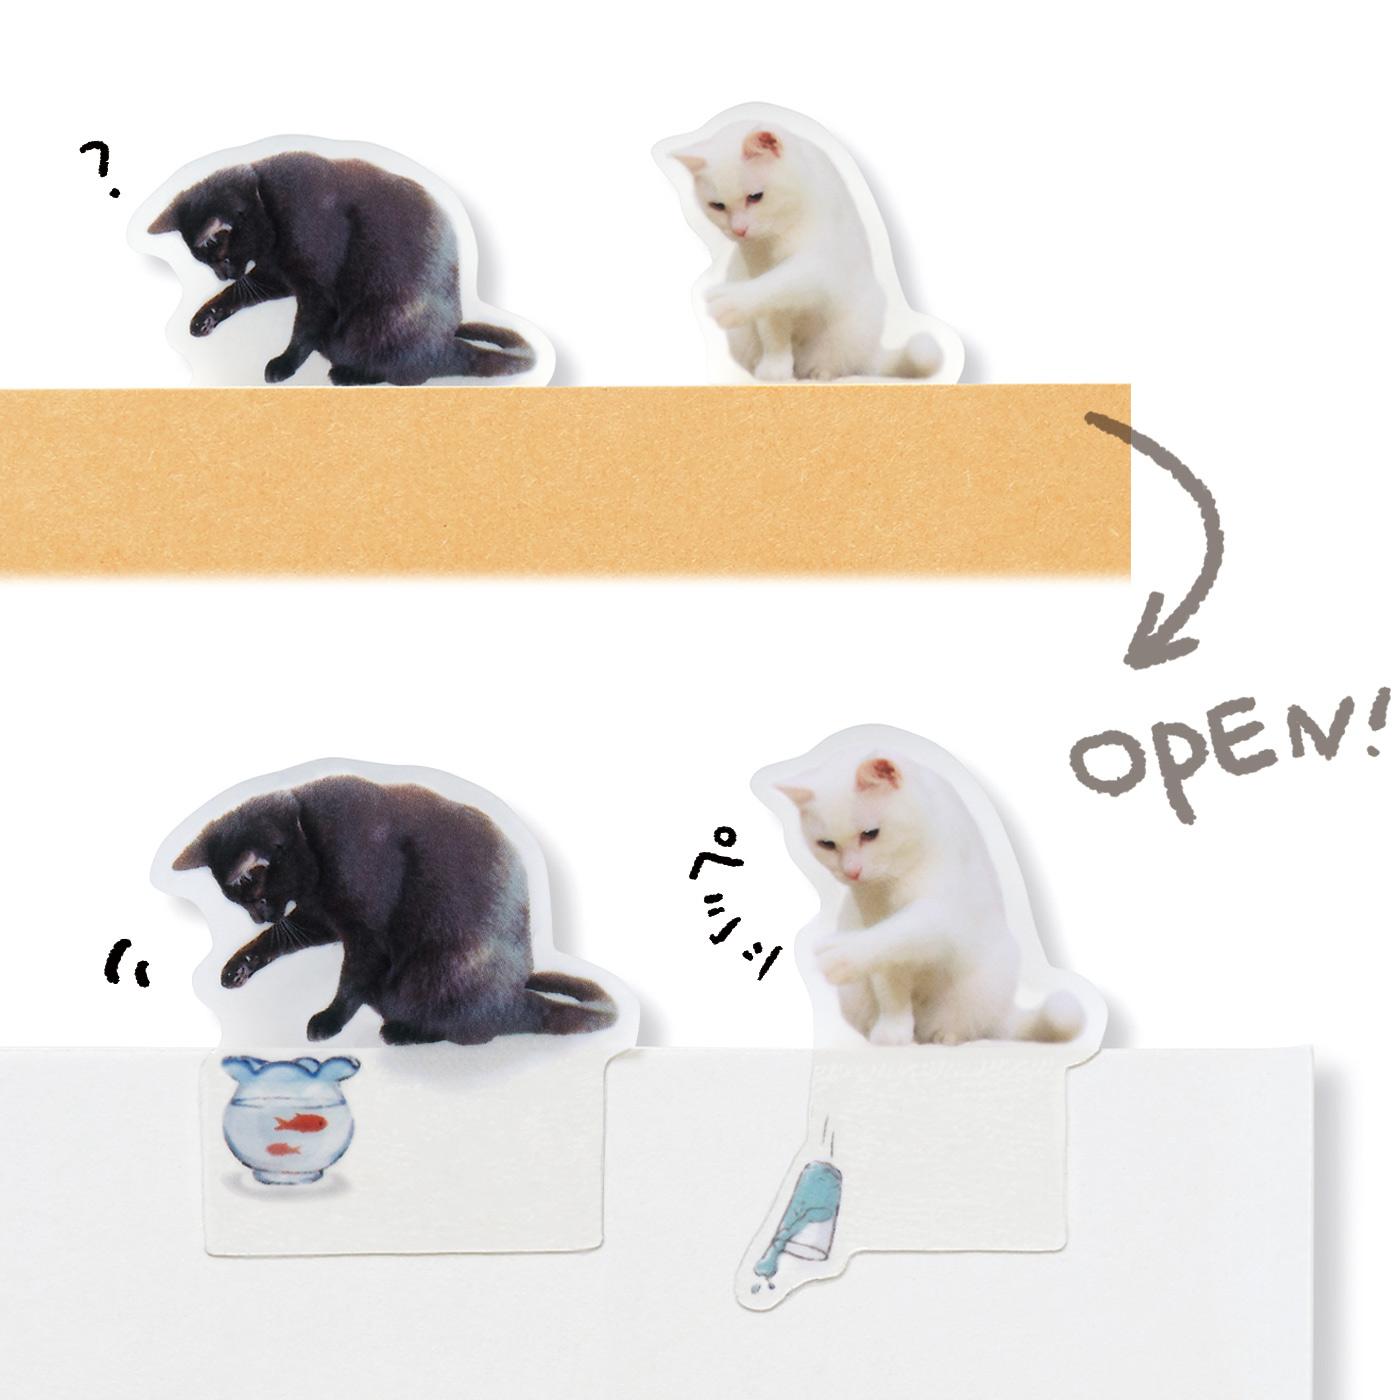 まわりで遊ぶ猫 本の上に乗っているだけだと思いきや、実はいたずら中。